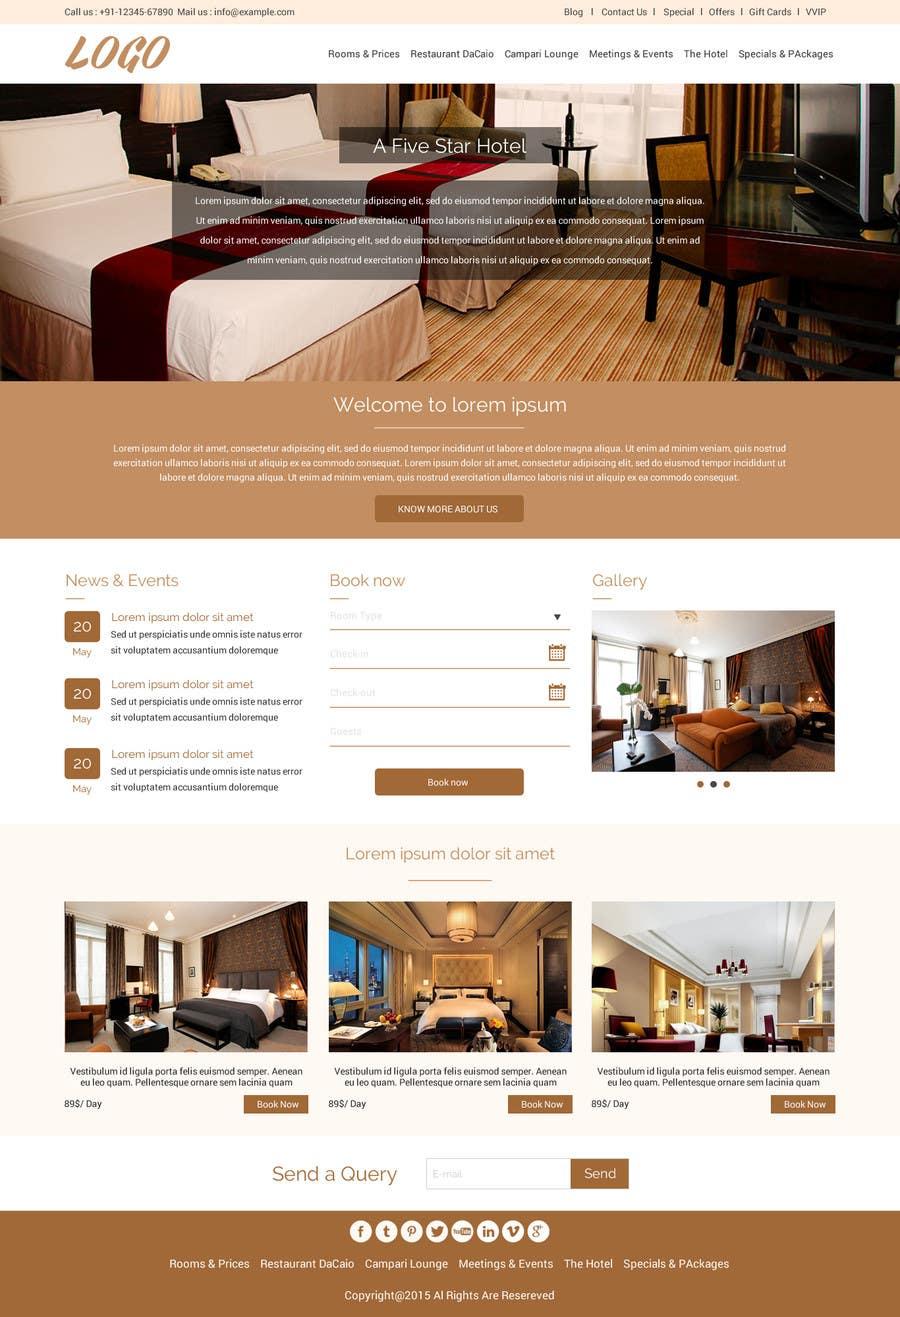 Konkurrenceindlæg #                                        34                                      for                                         Design a Website Mockup for Hotel